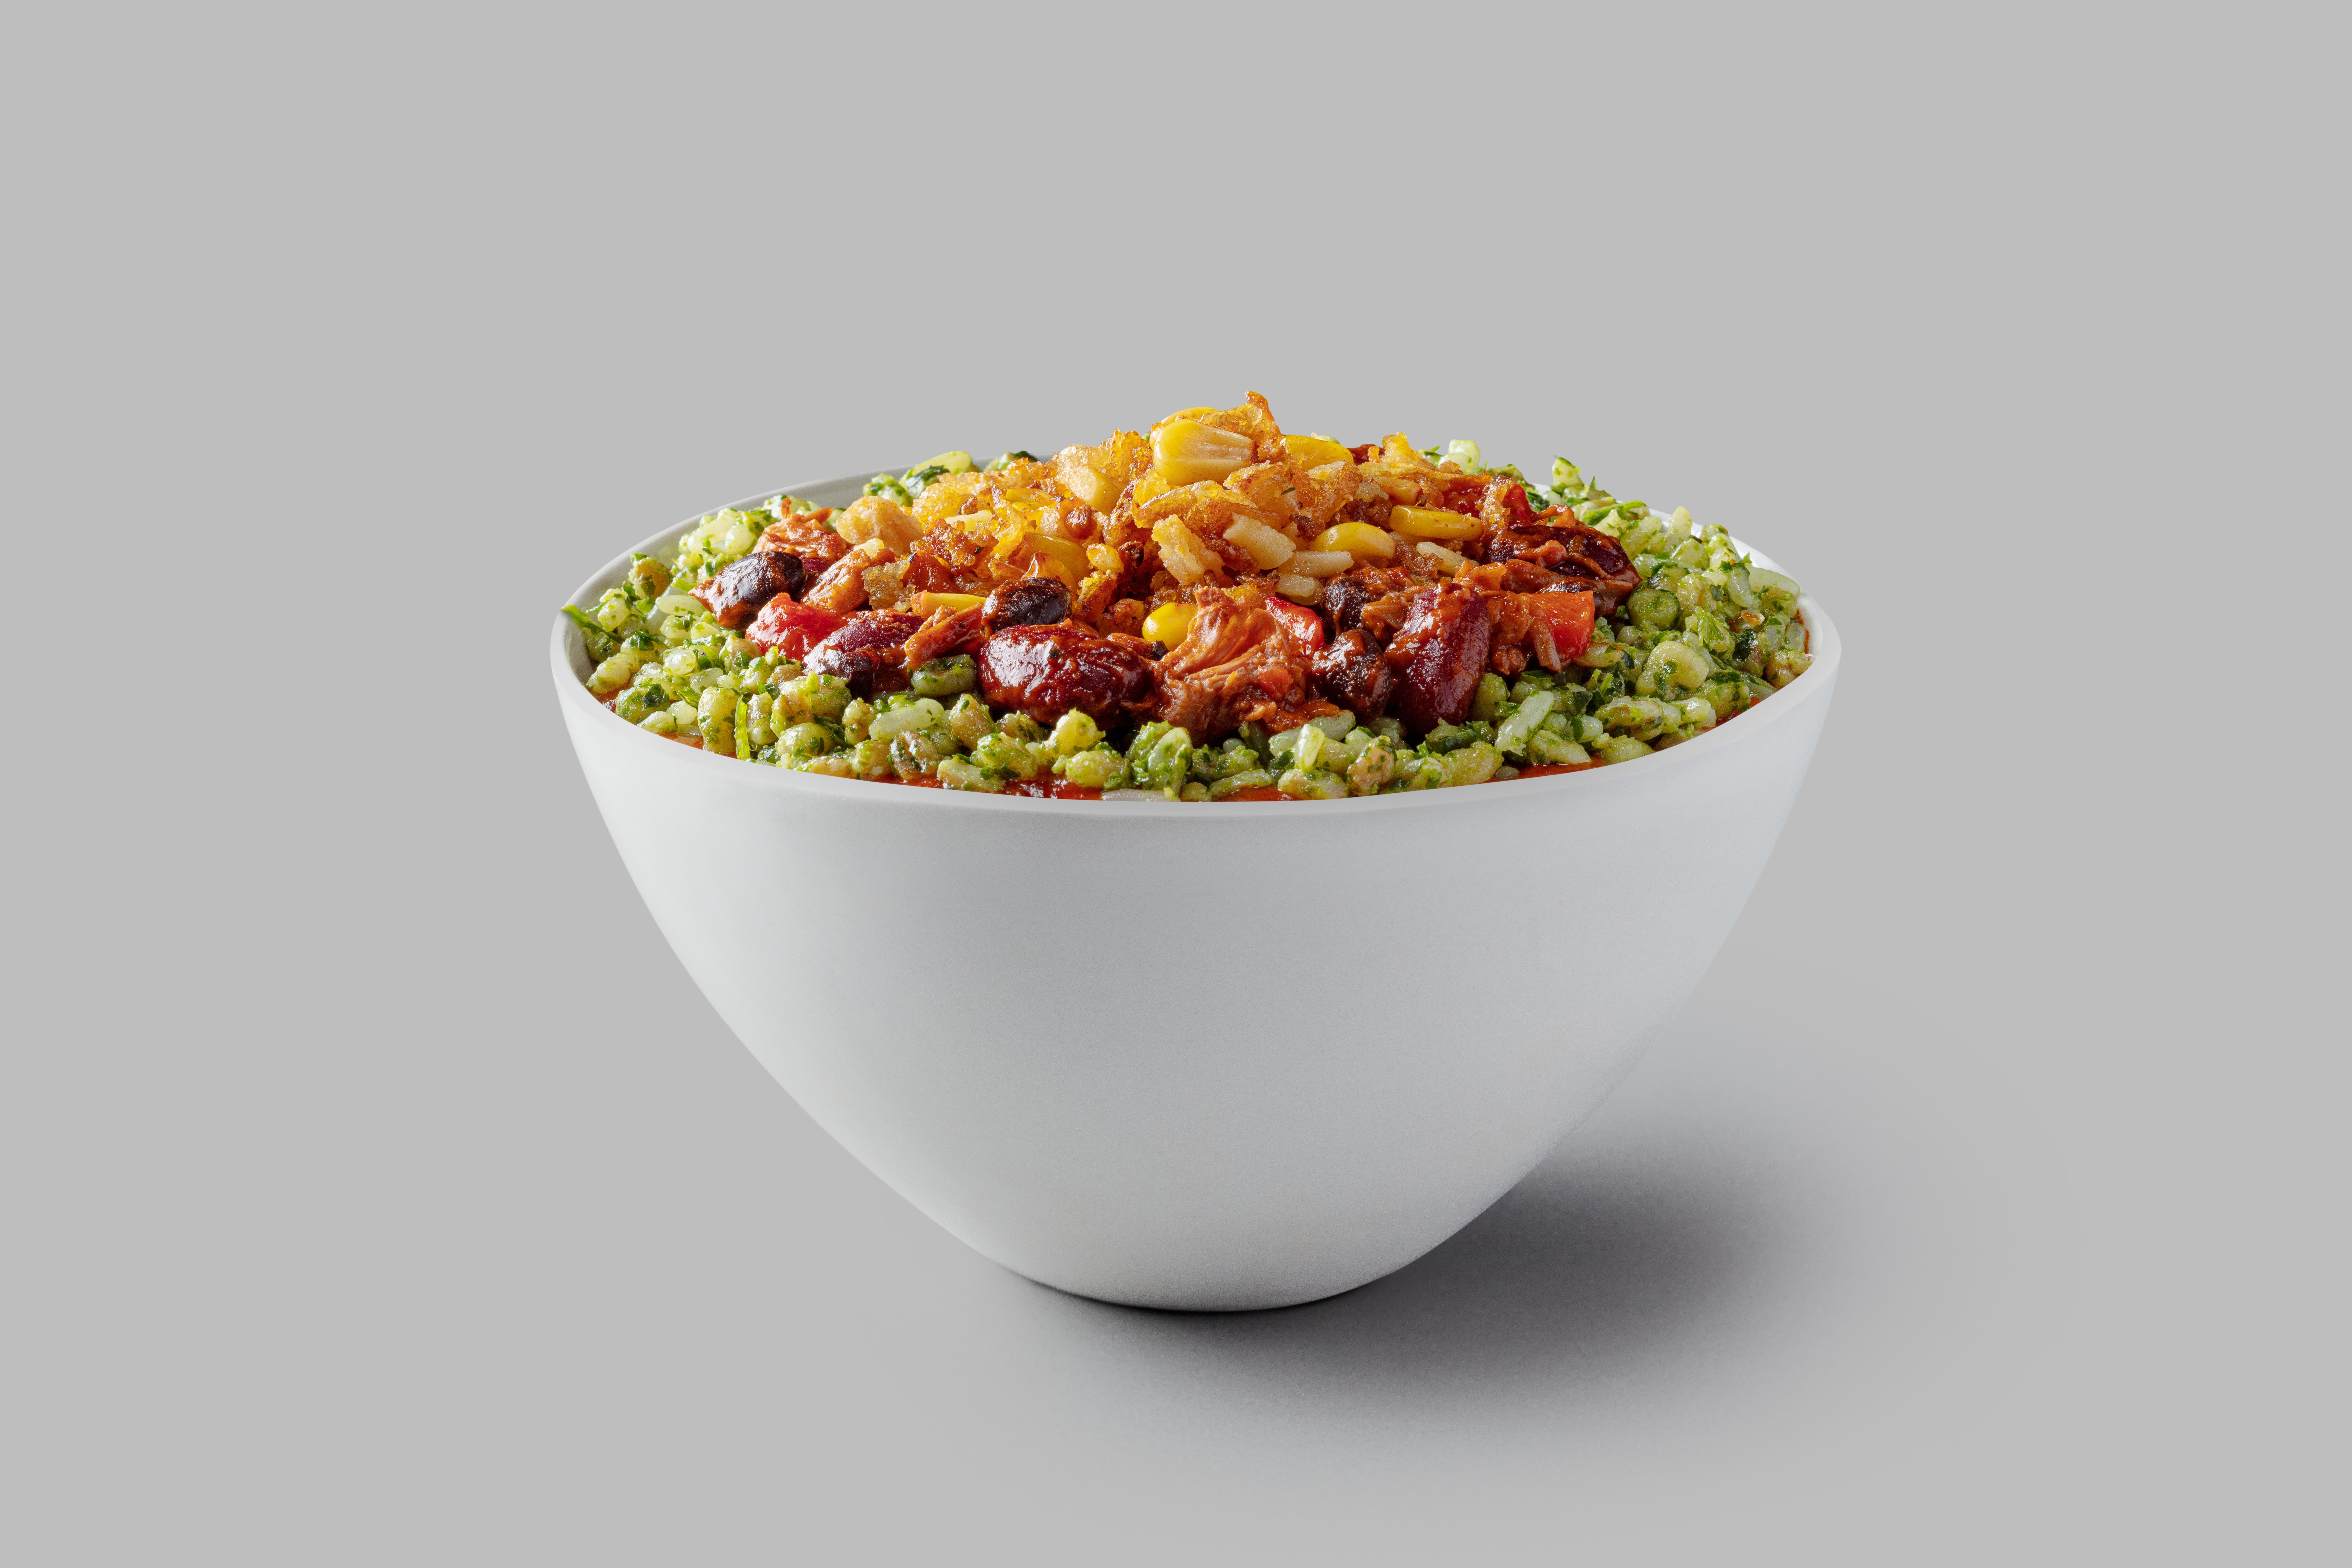 Vegan-Smoky-Jackfruit-and-Grains-